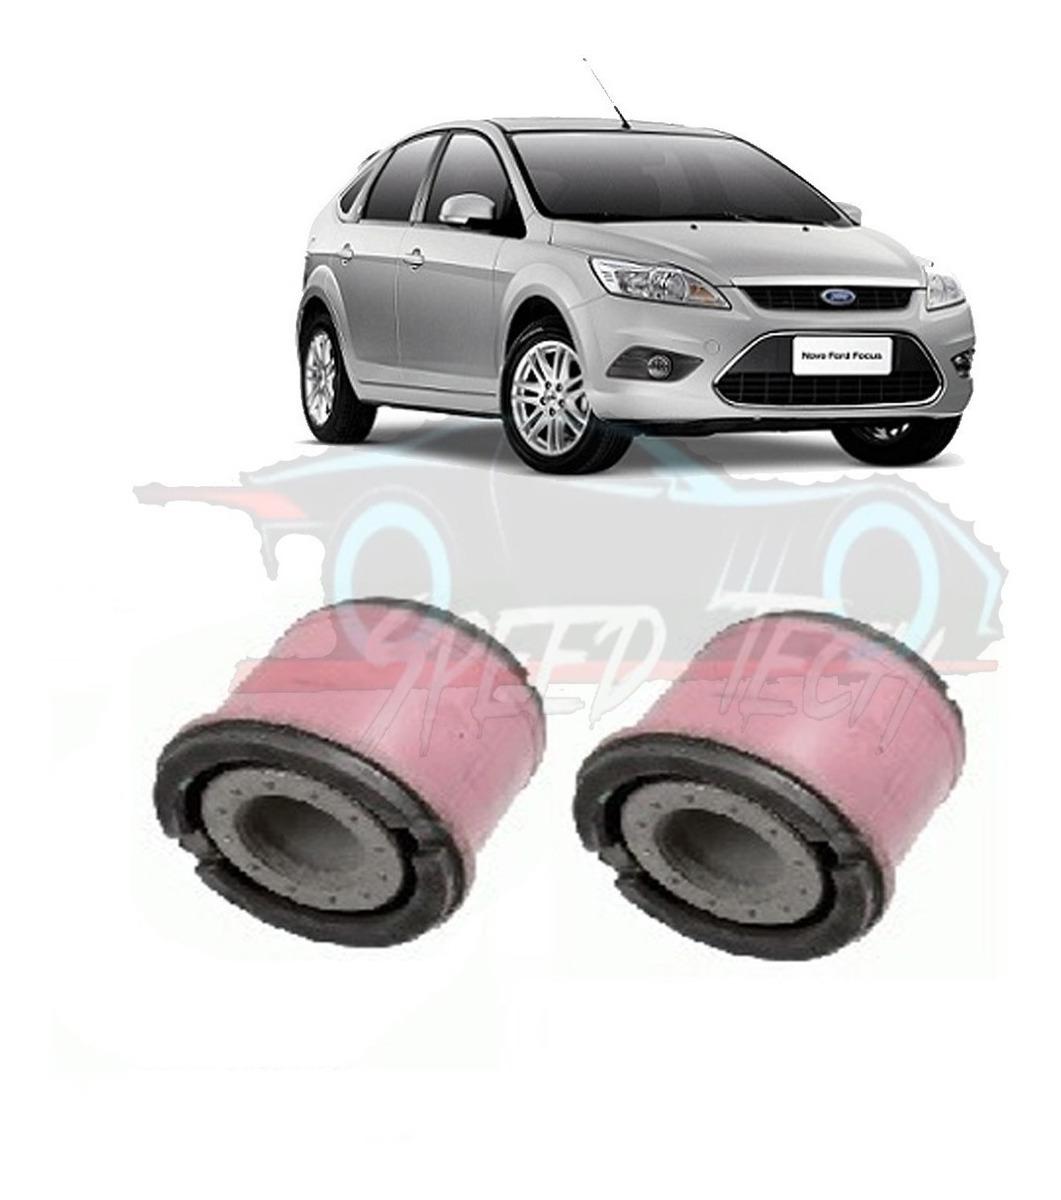 Par Bucha Agregado Quadro Suspensao Ford Focus 2008 A 2012